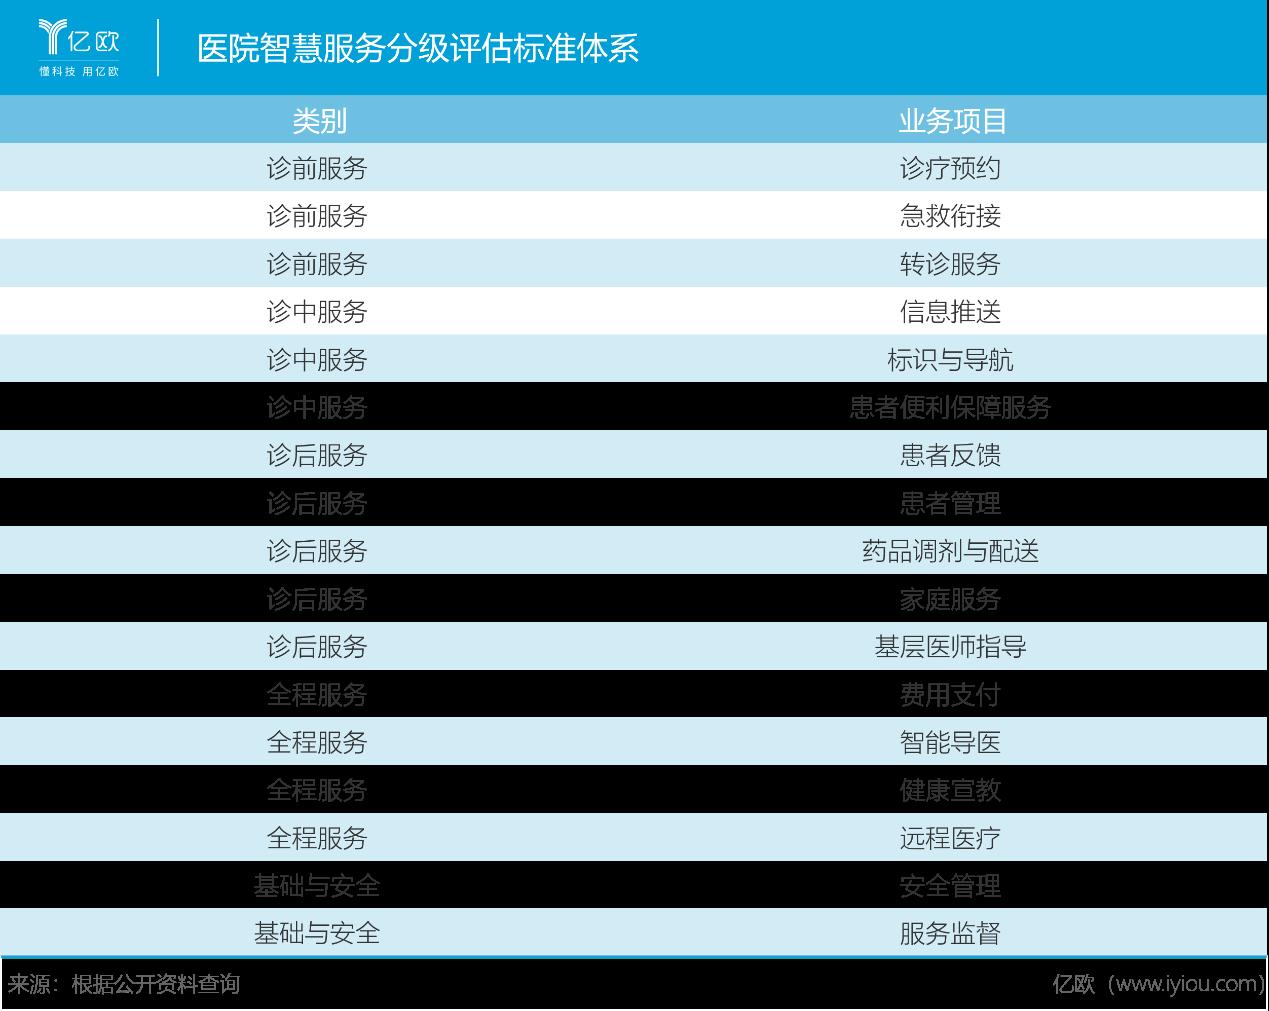 医院智慧服务分级评估标准体系.png